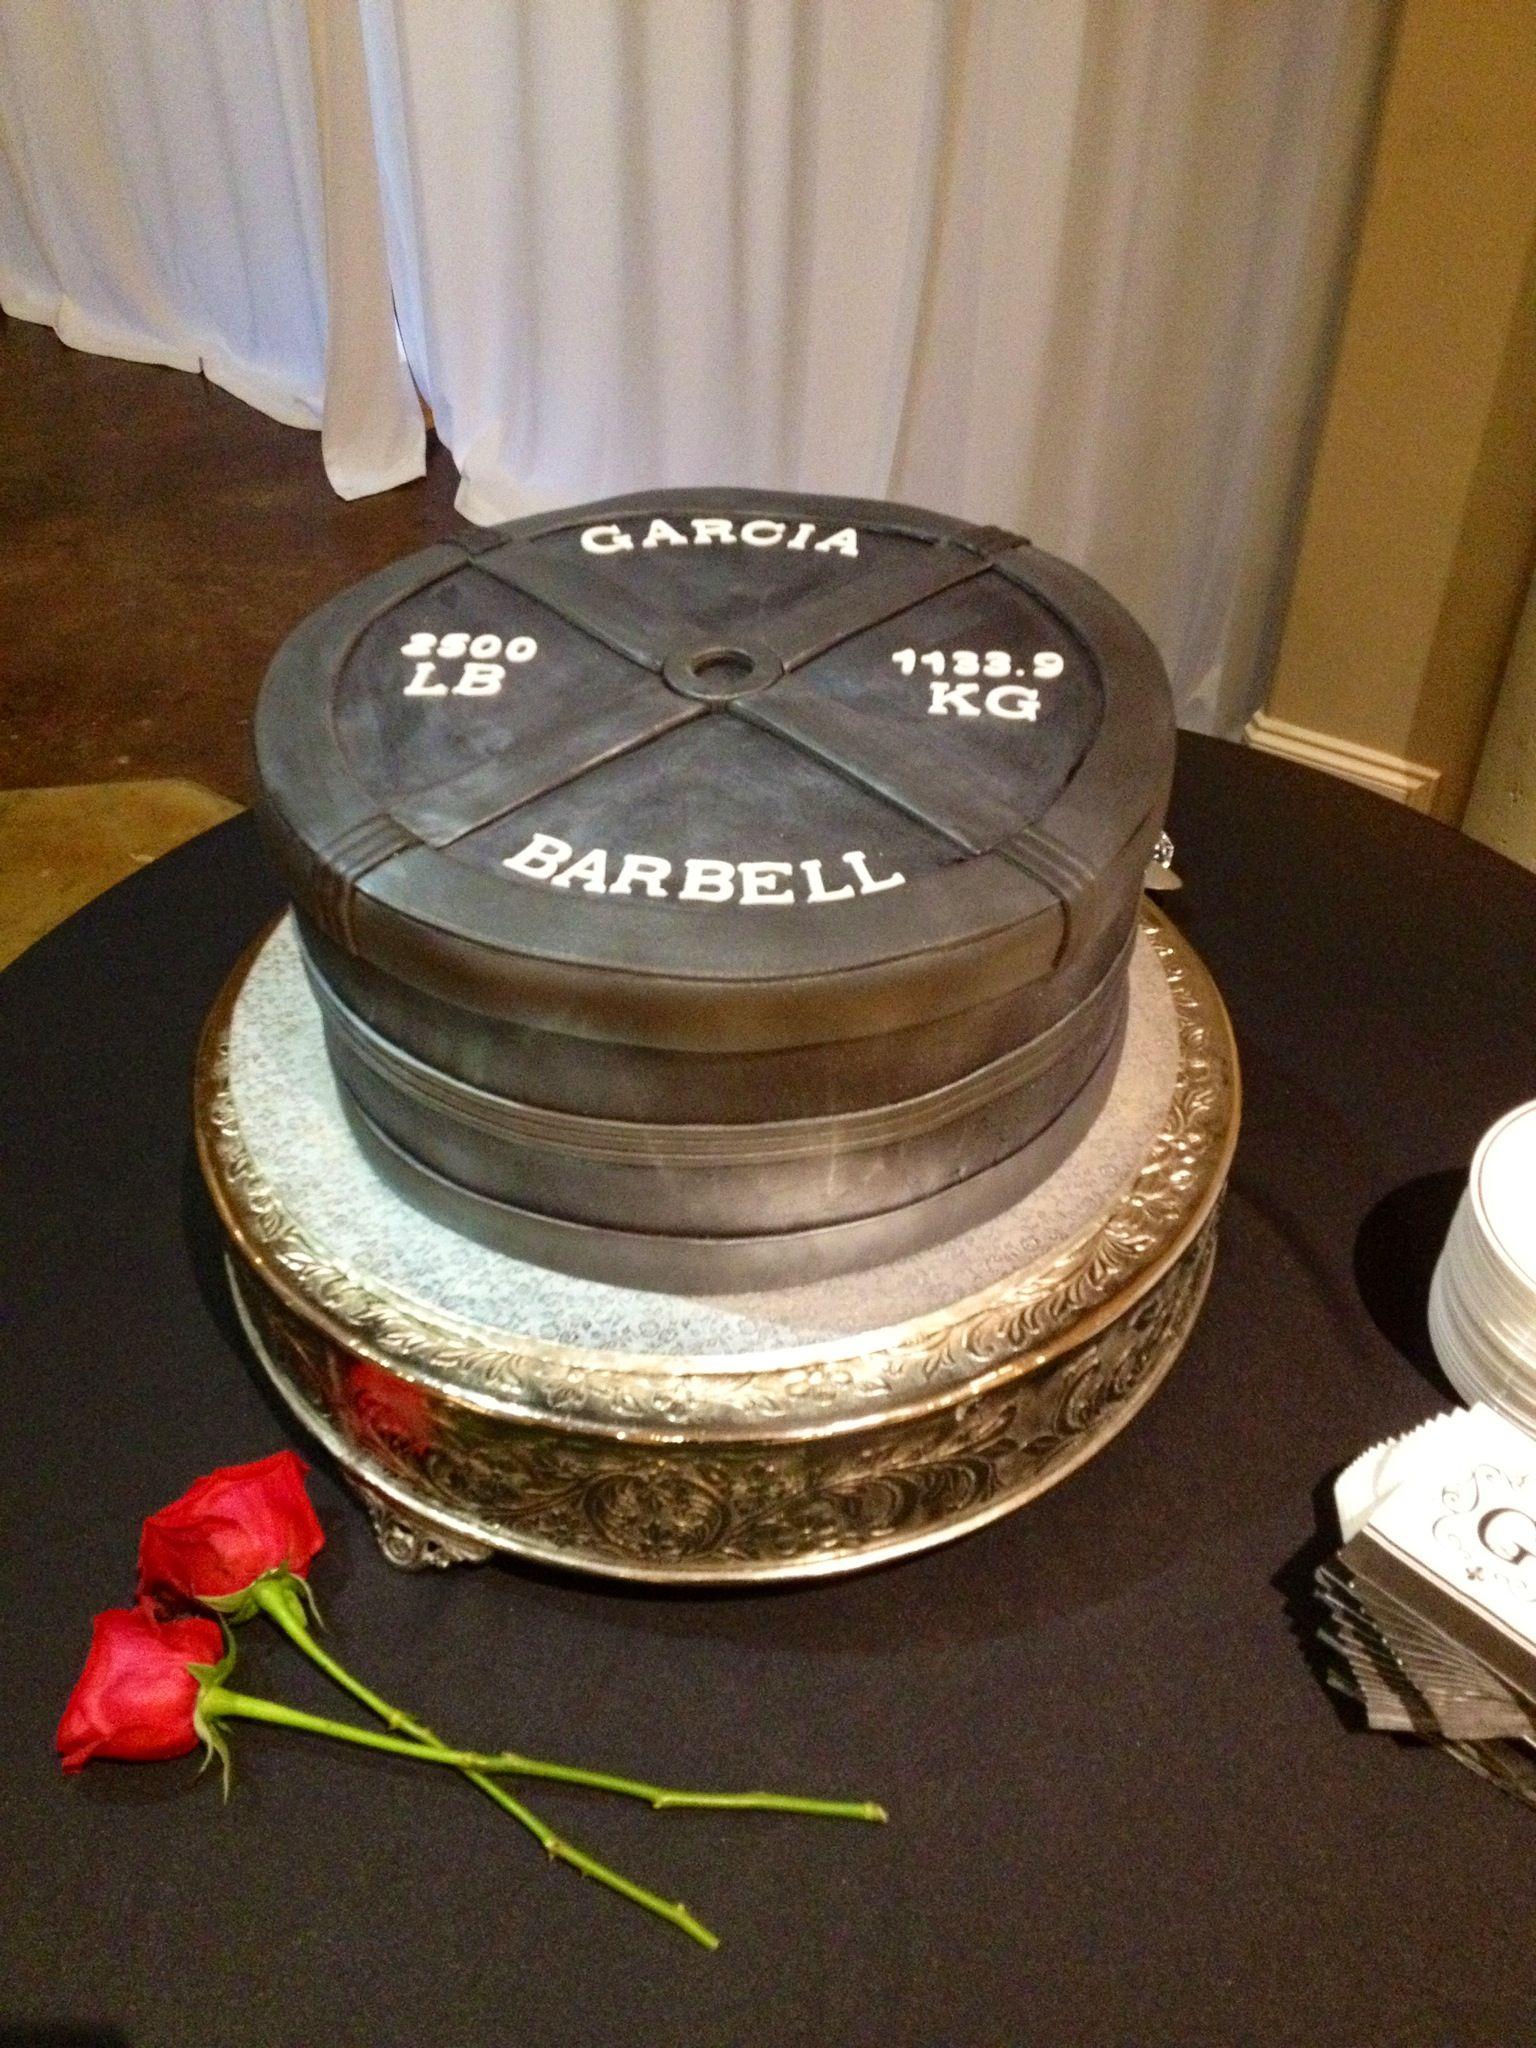 Barbell cake 20112 creations pinterest cake